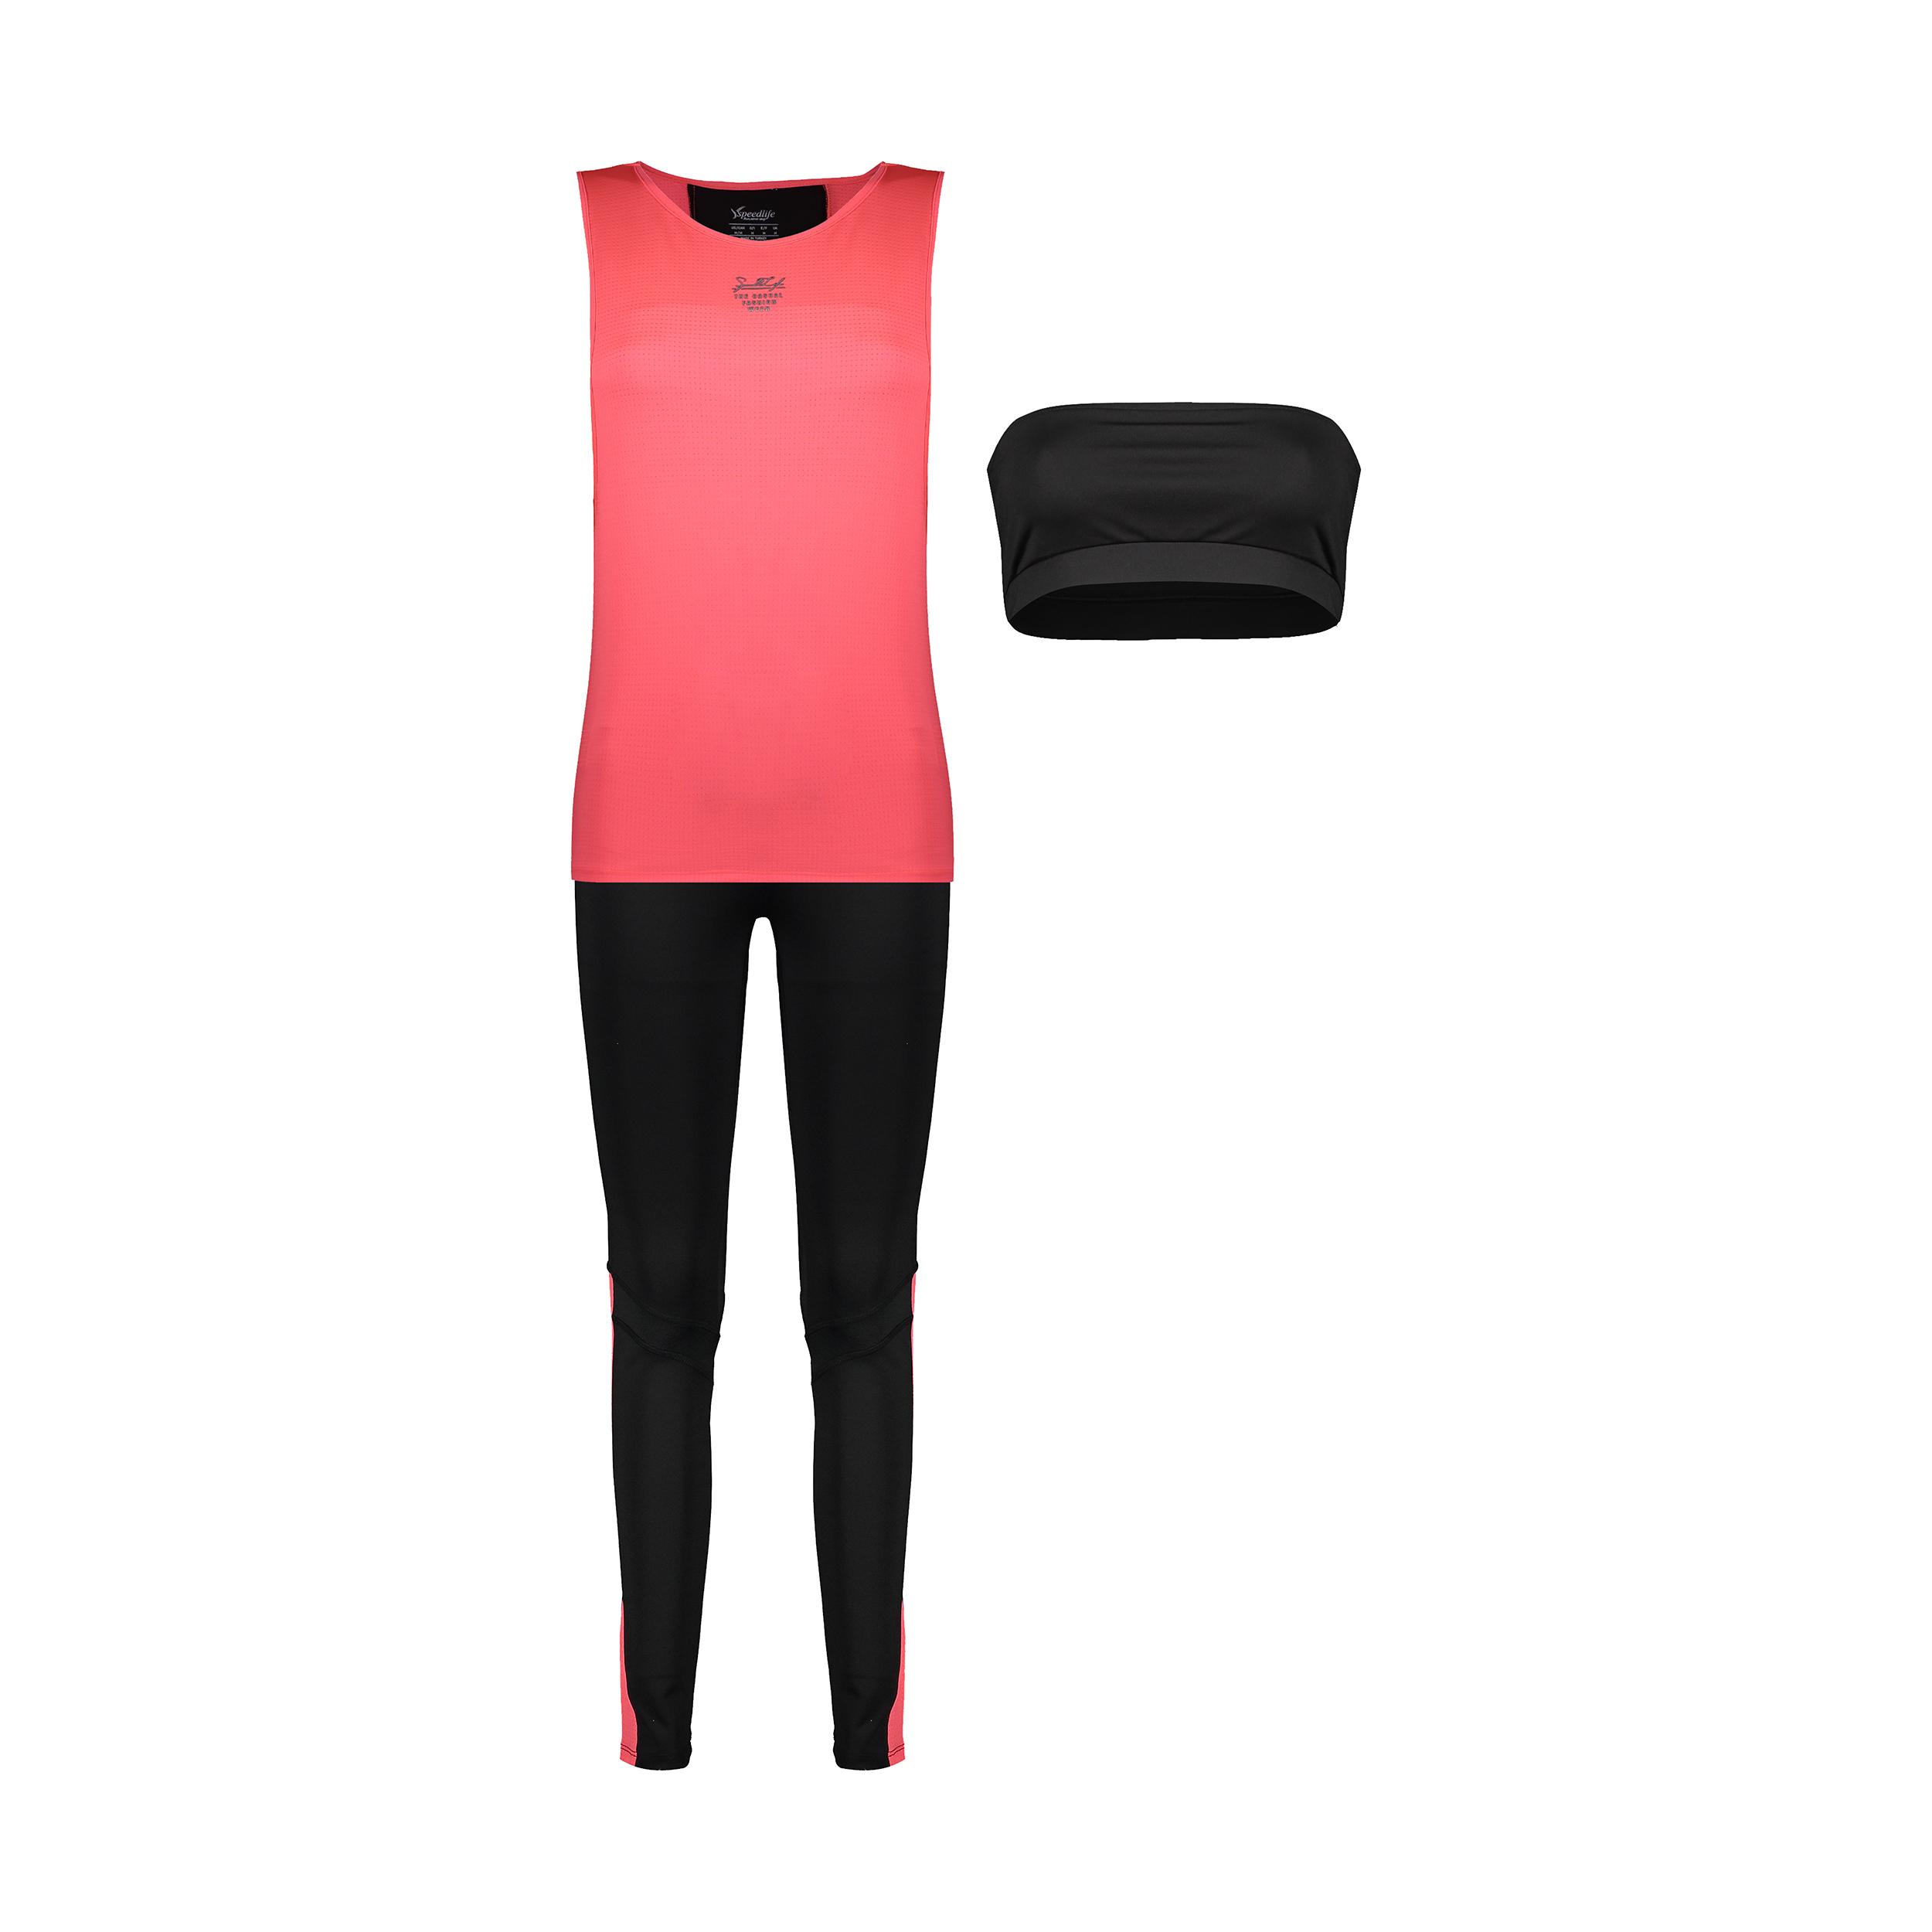 ست 3 تکه لباس ورزشی زنانه اسپیدلایف مدل 01